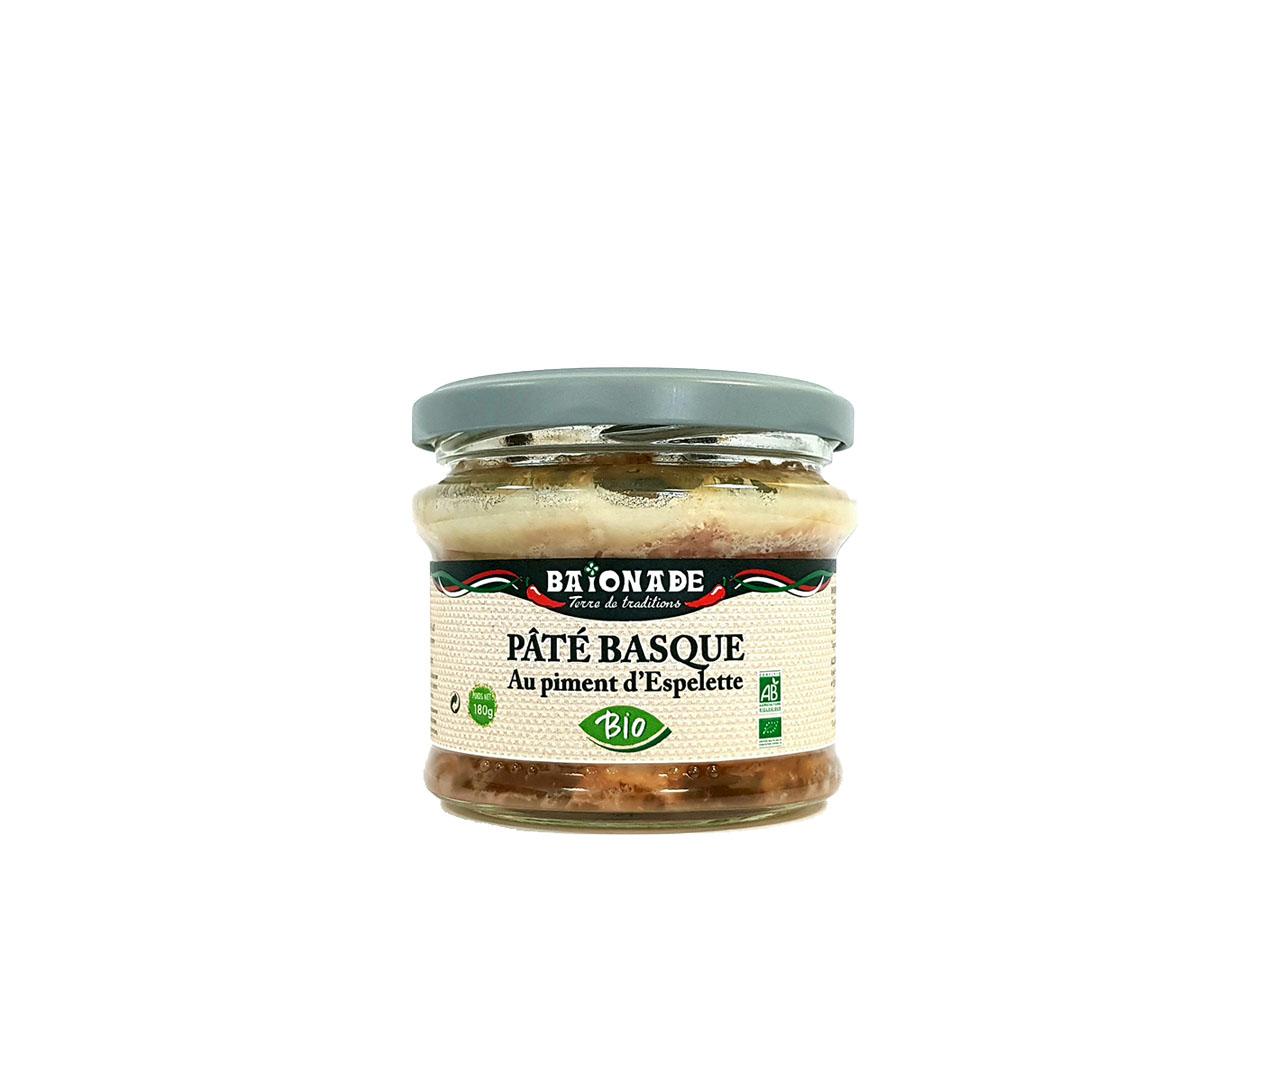 Pâté basque au piment d'Espelette Baïonade